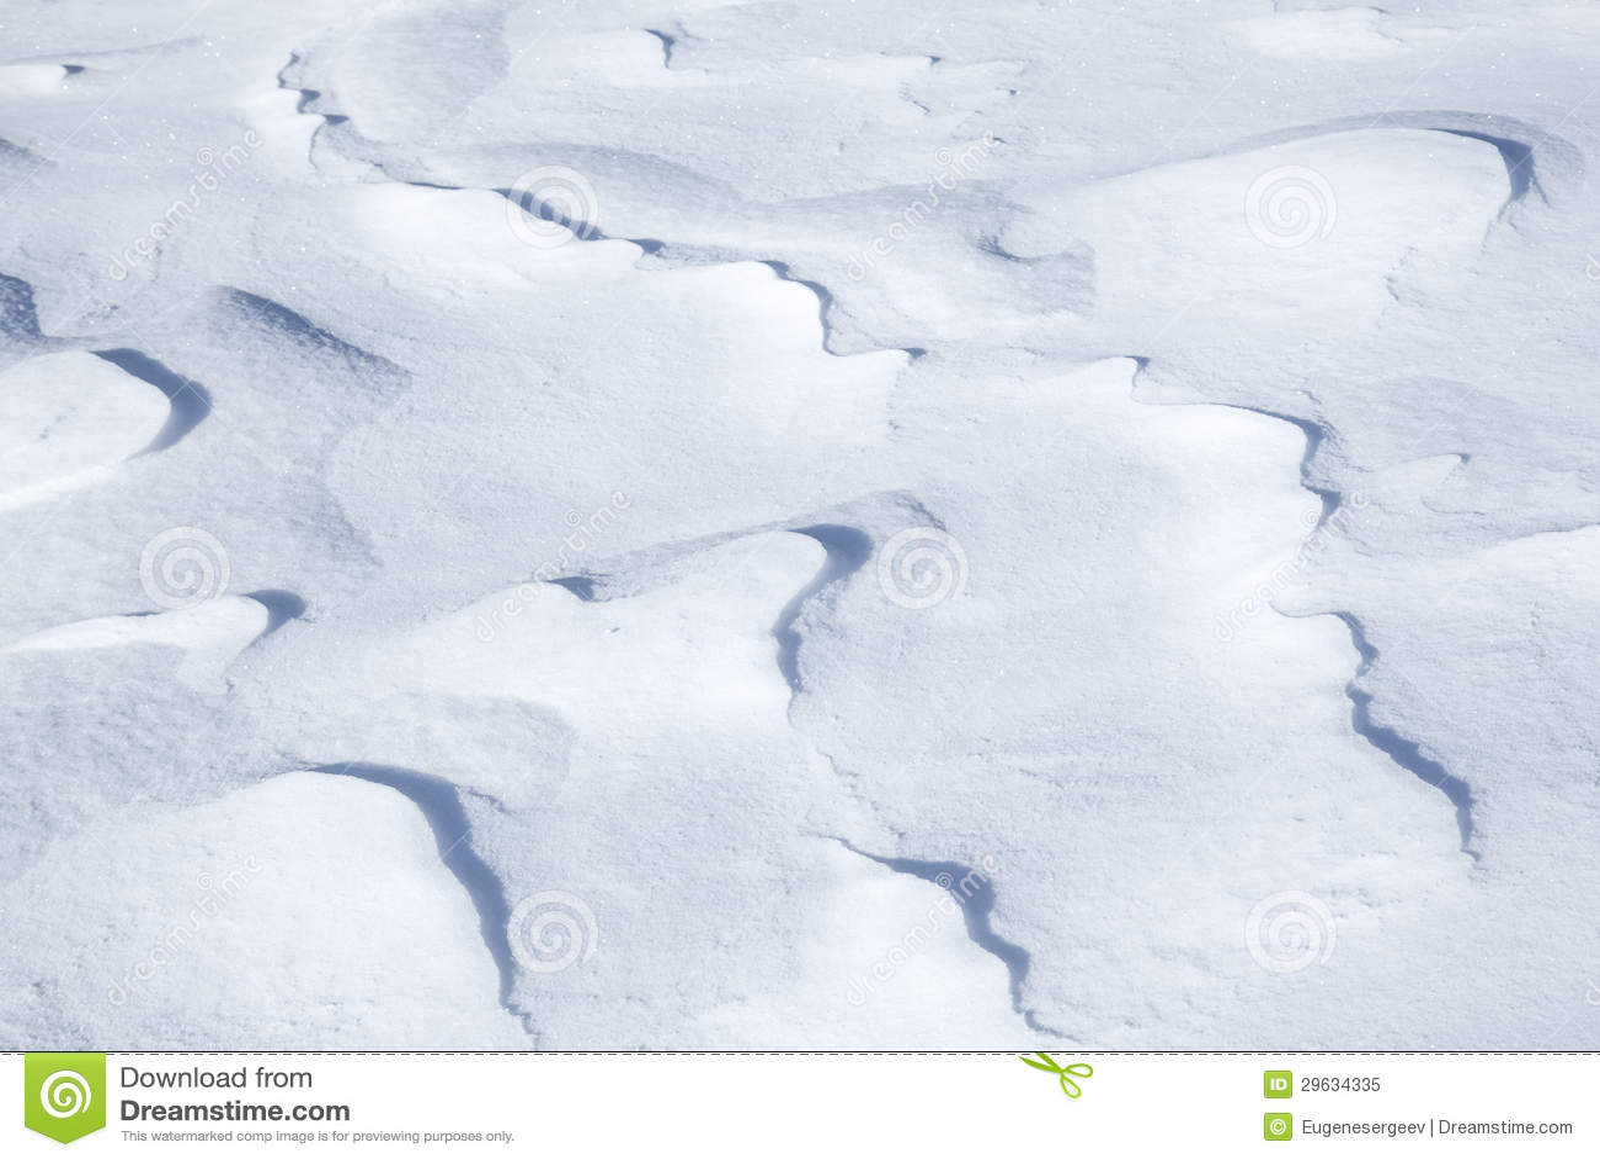 Textura do fundo do snowdrift montanhoso